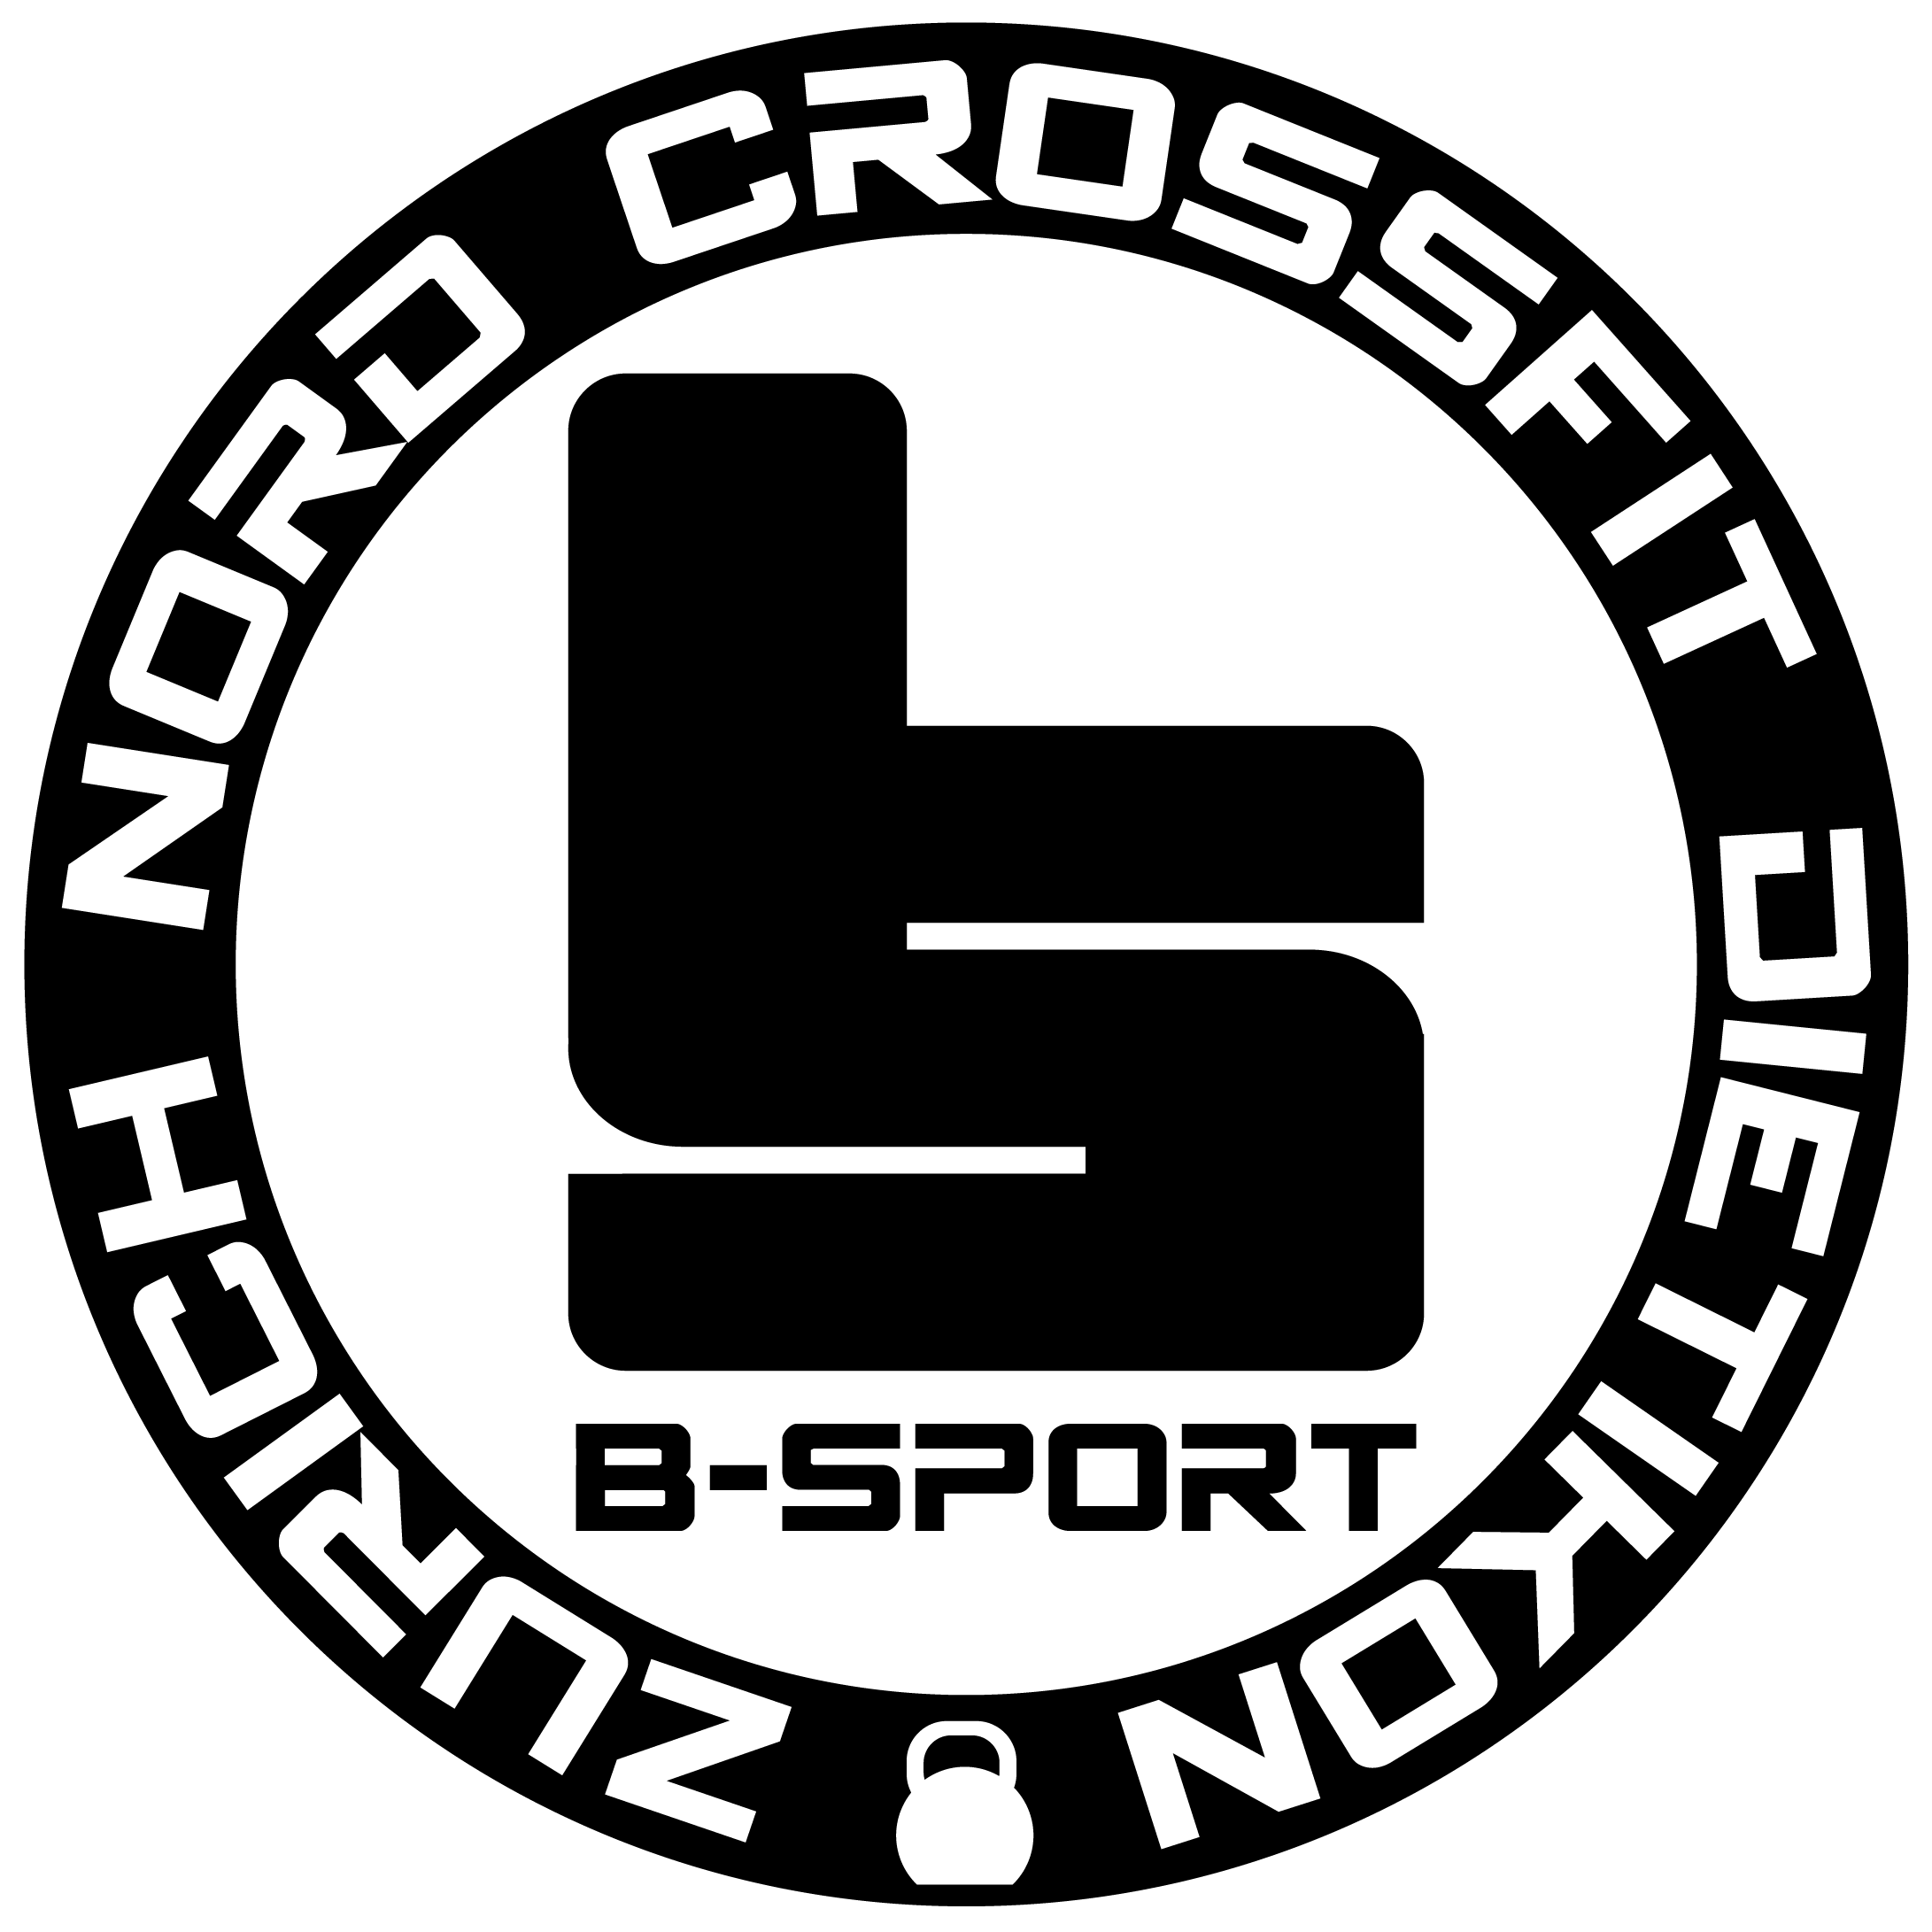 b-sport-circle-black.png